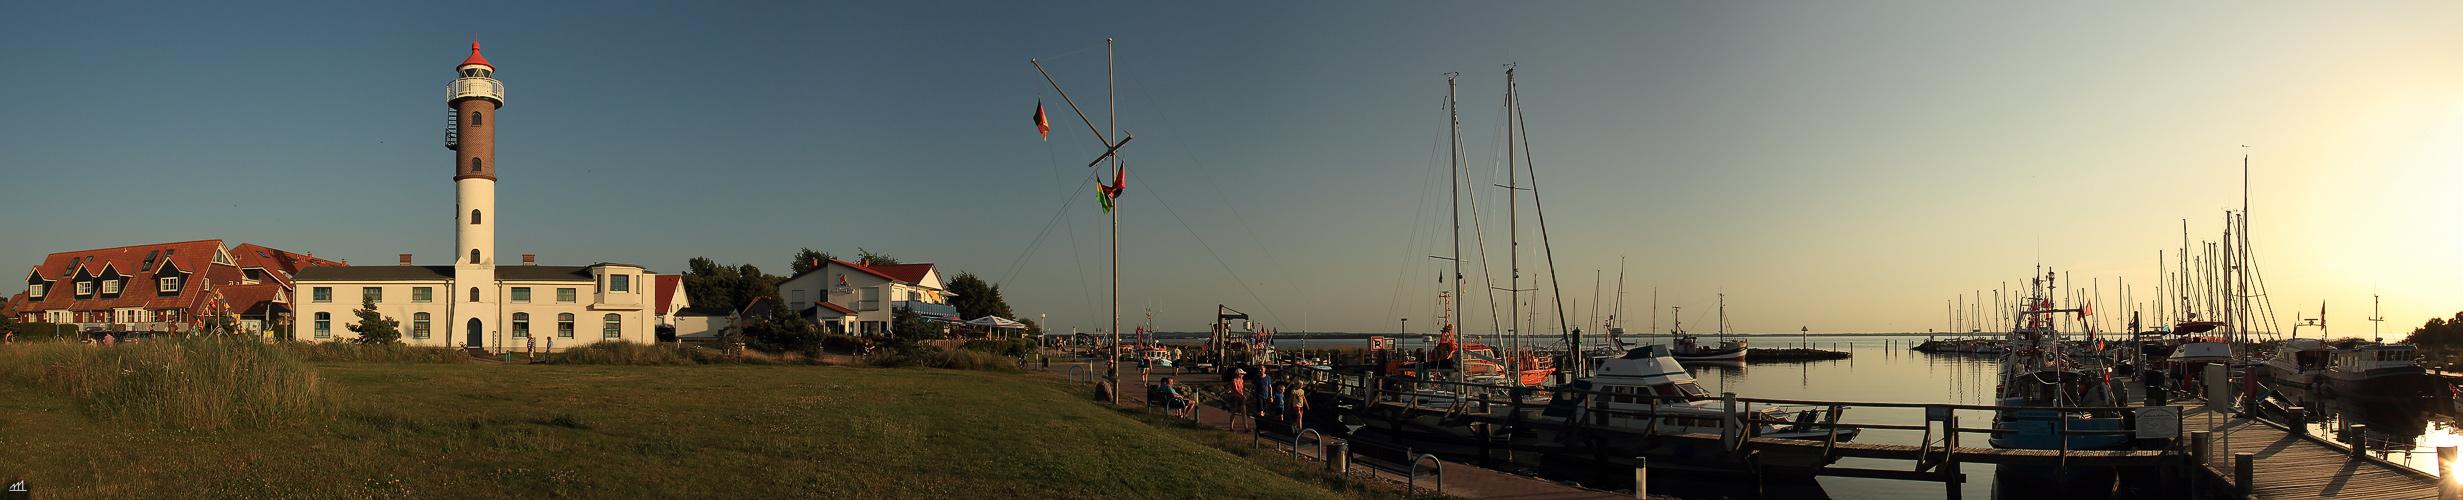 Ein Leuchtturm und ein Hafen